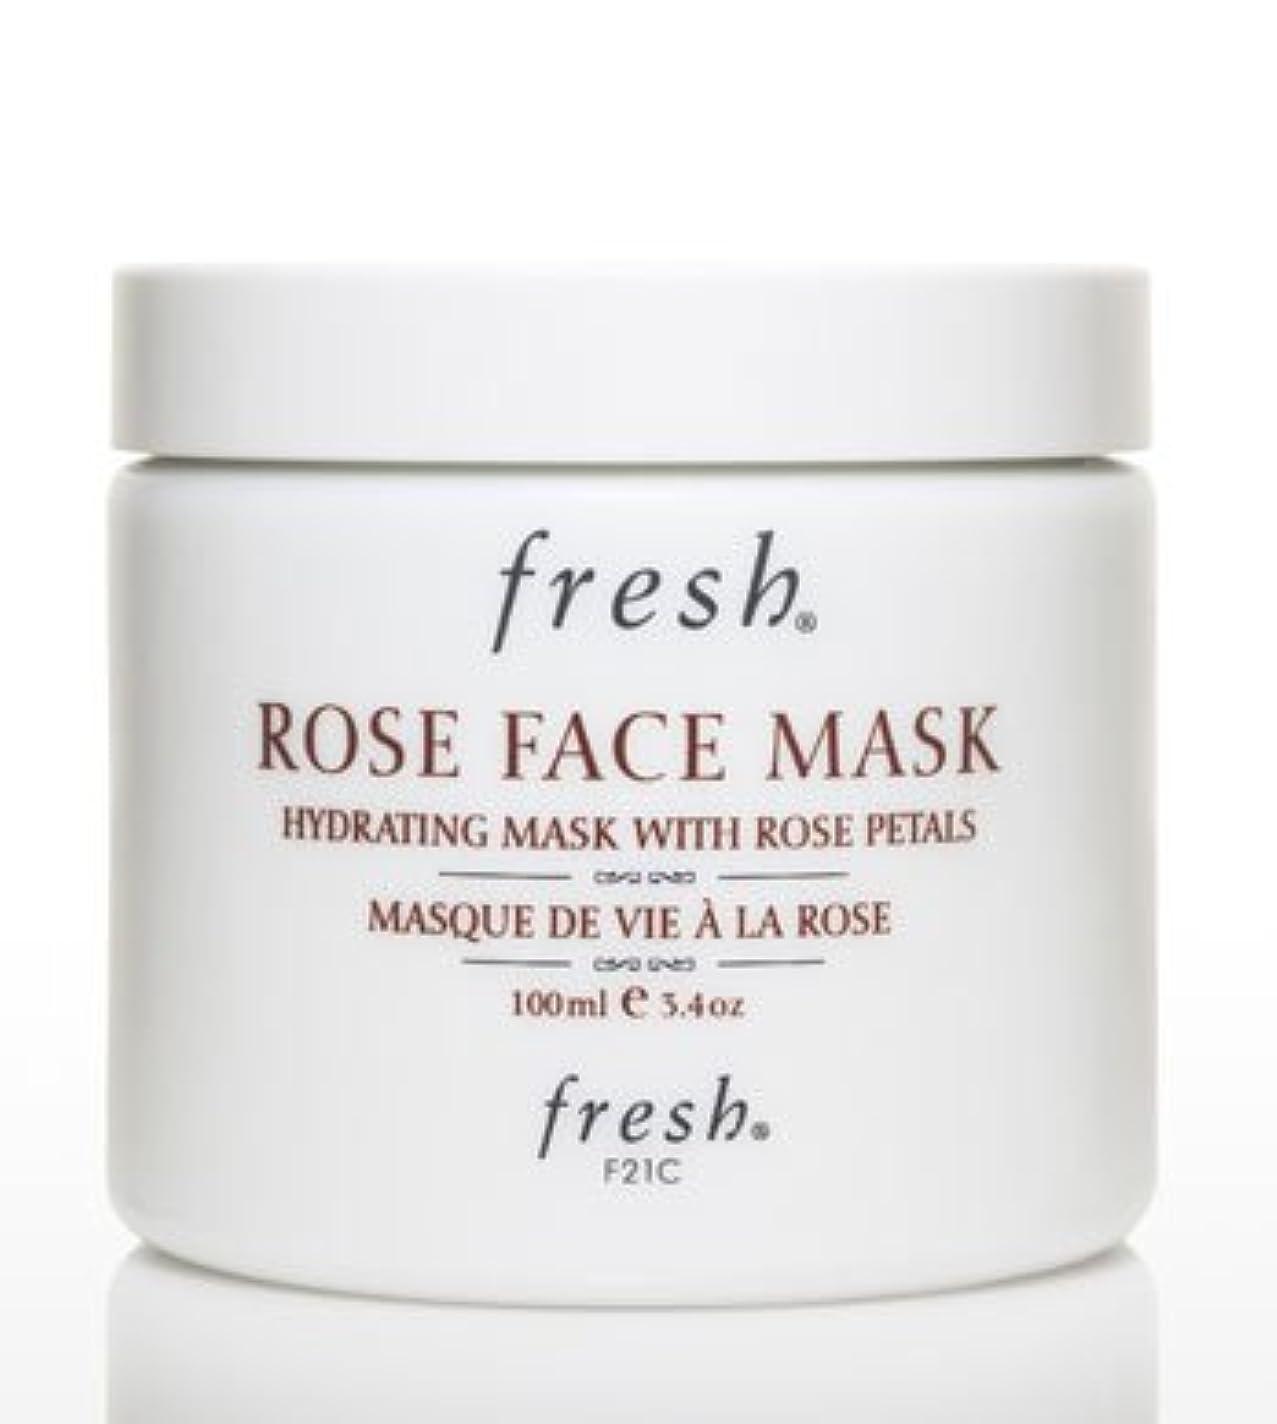 同化する忌み嫌う状態Fresh ROSE FACE MASK (フレッシュ ローズフェイスマスク) 3.4 oz (100g) by Fresh for Women